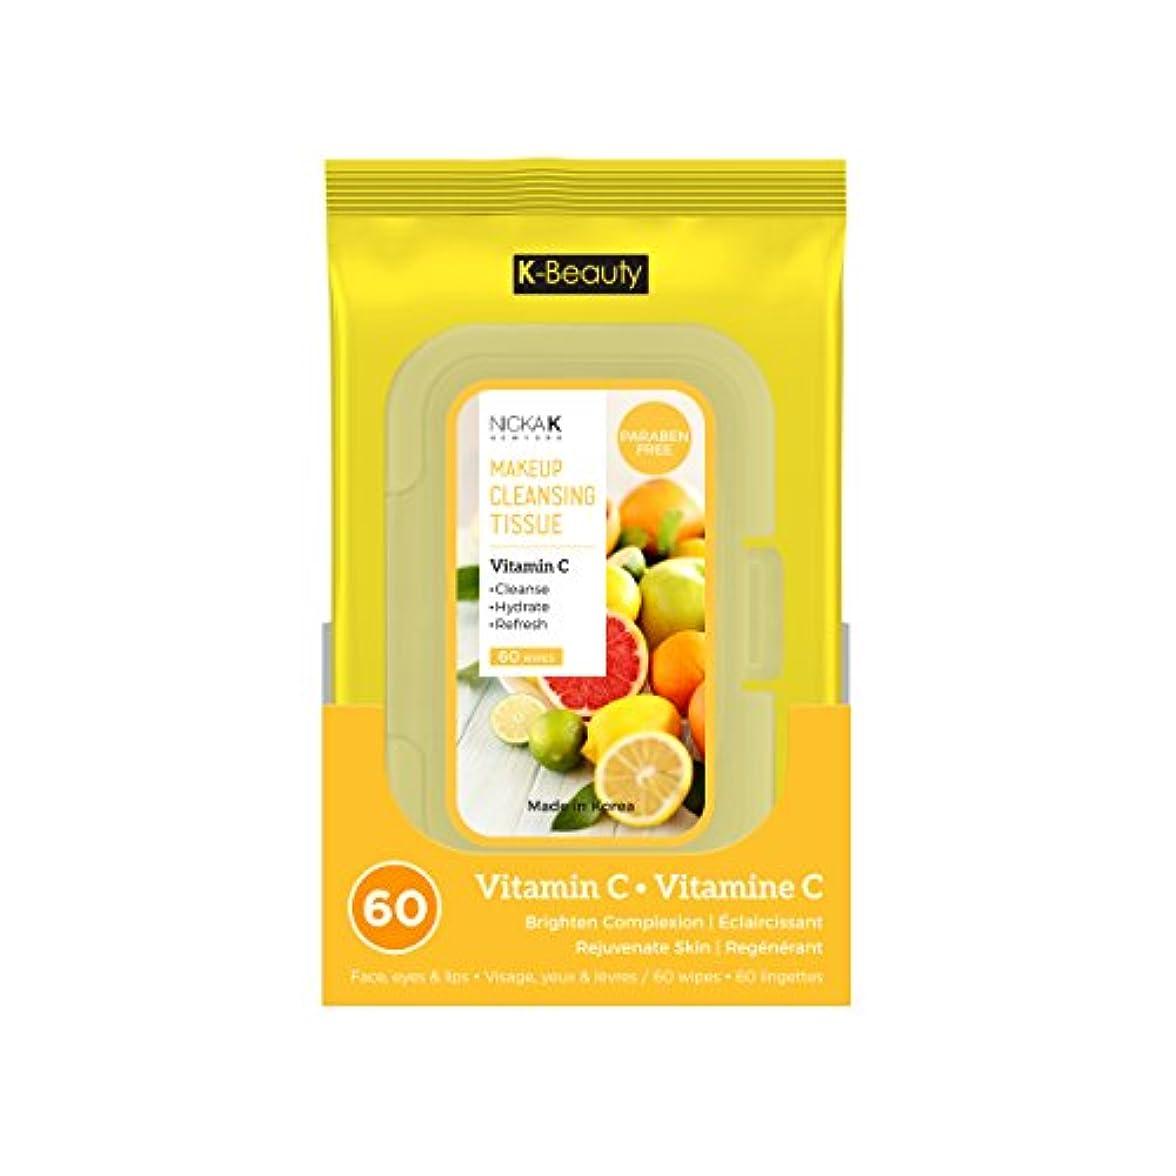 税金最初にお別れNICKA K Make Up Cleansing Tissue - Vitamin C (並行輸入品)